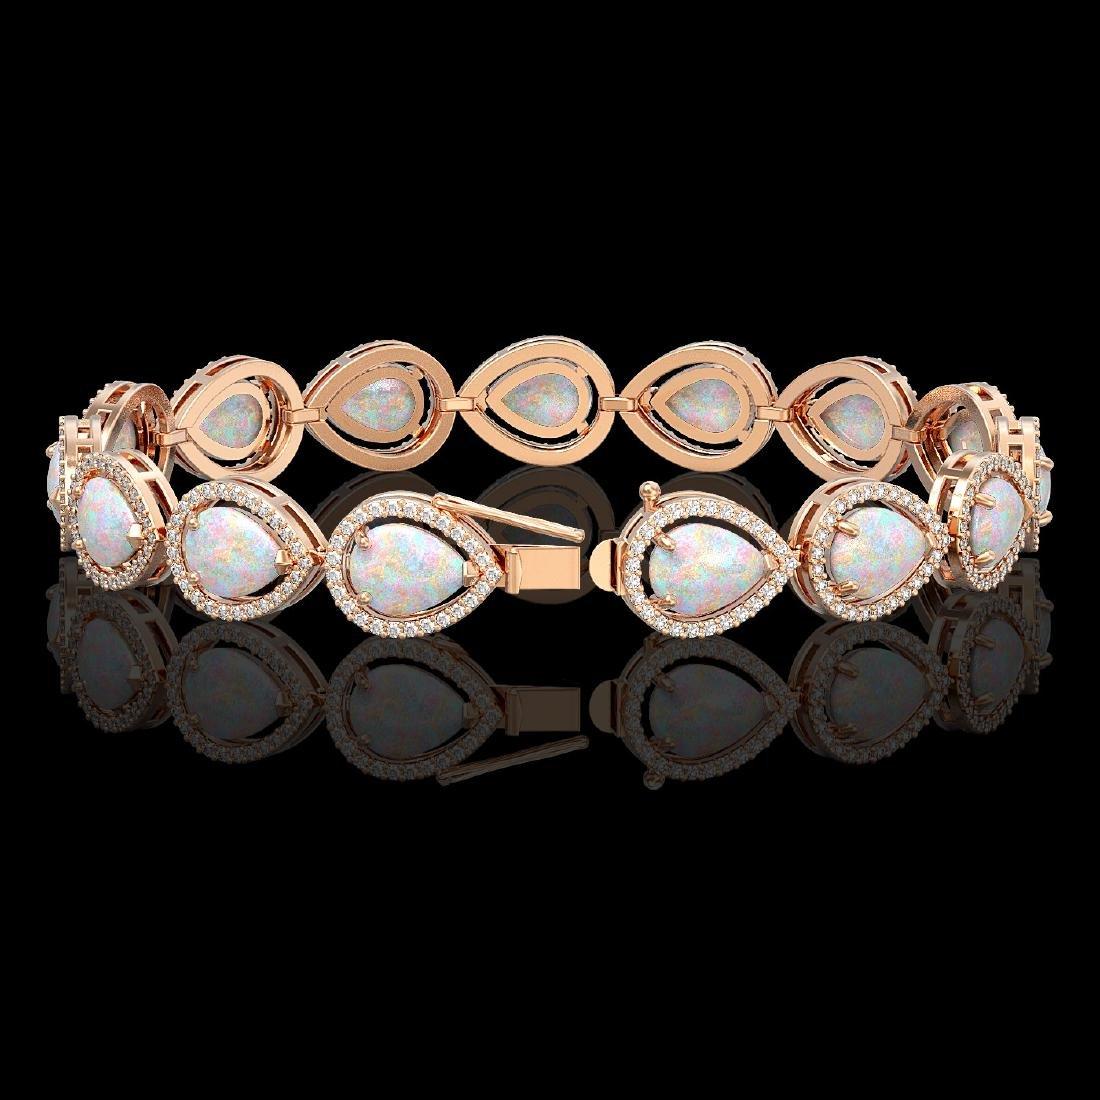 17.15 CTW Opal & Diamond Halo Bracelet 10K Rose Gold - 2